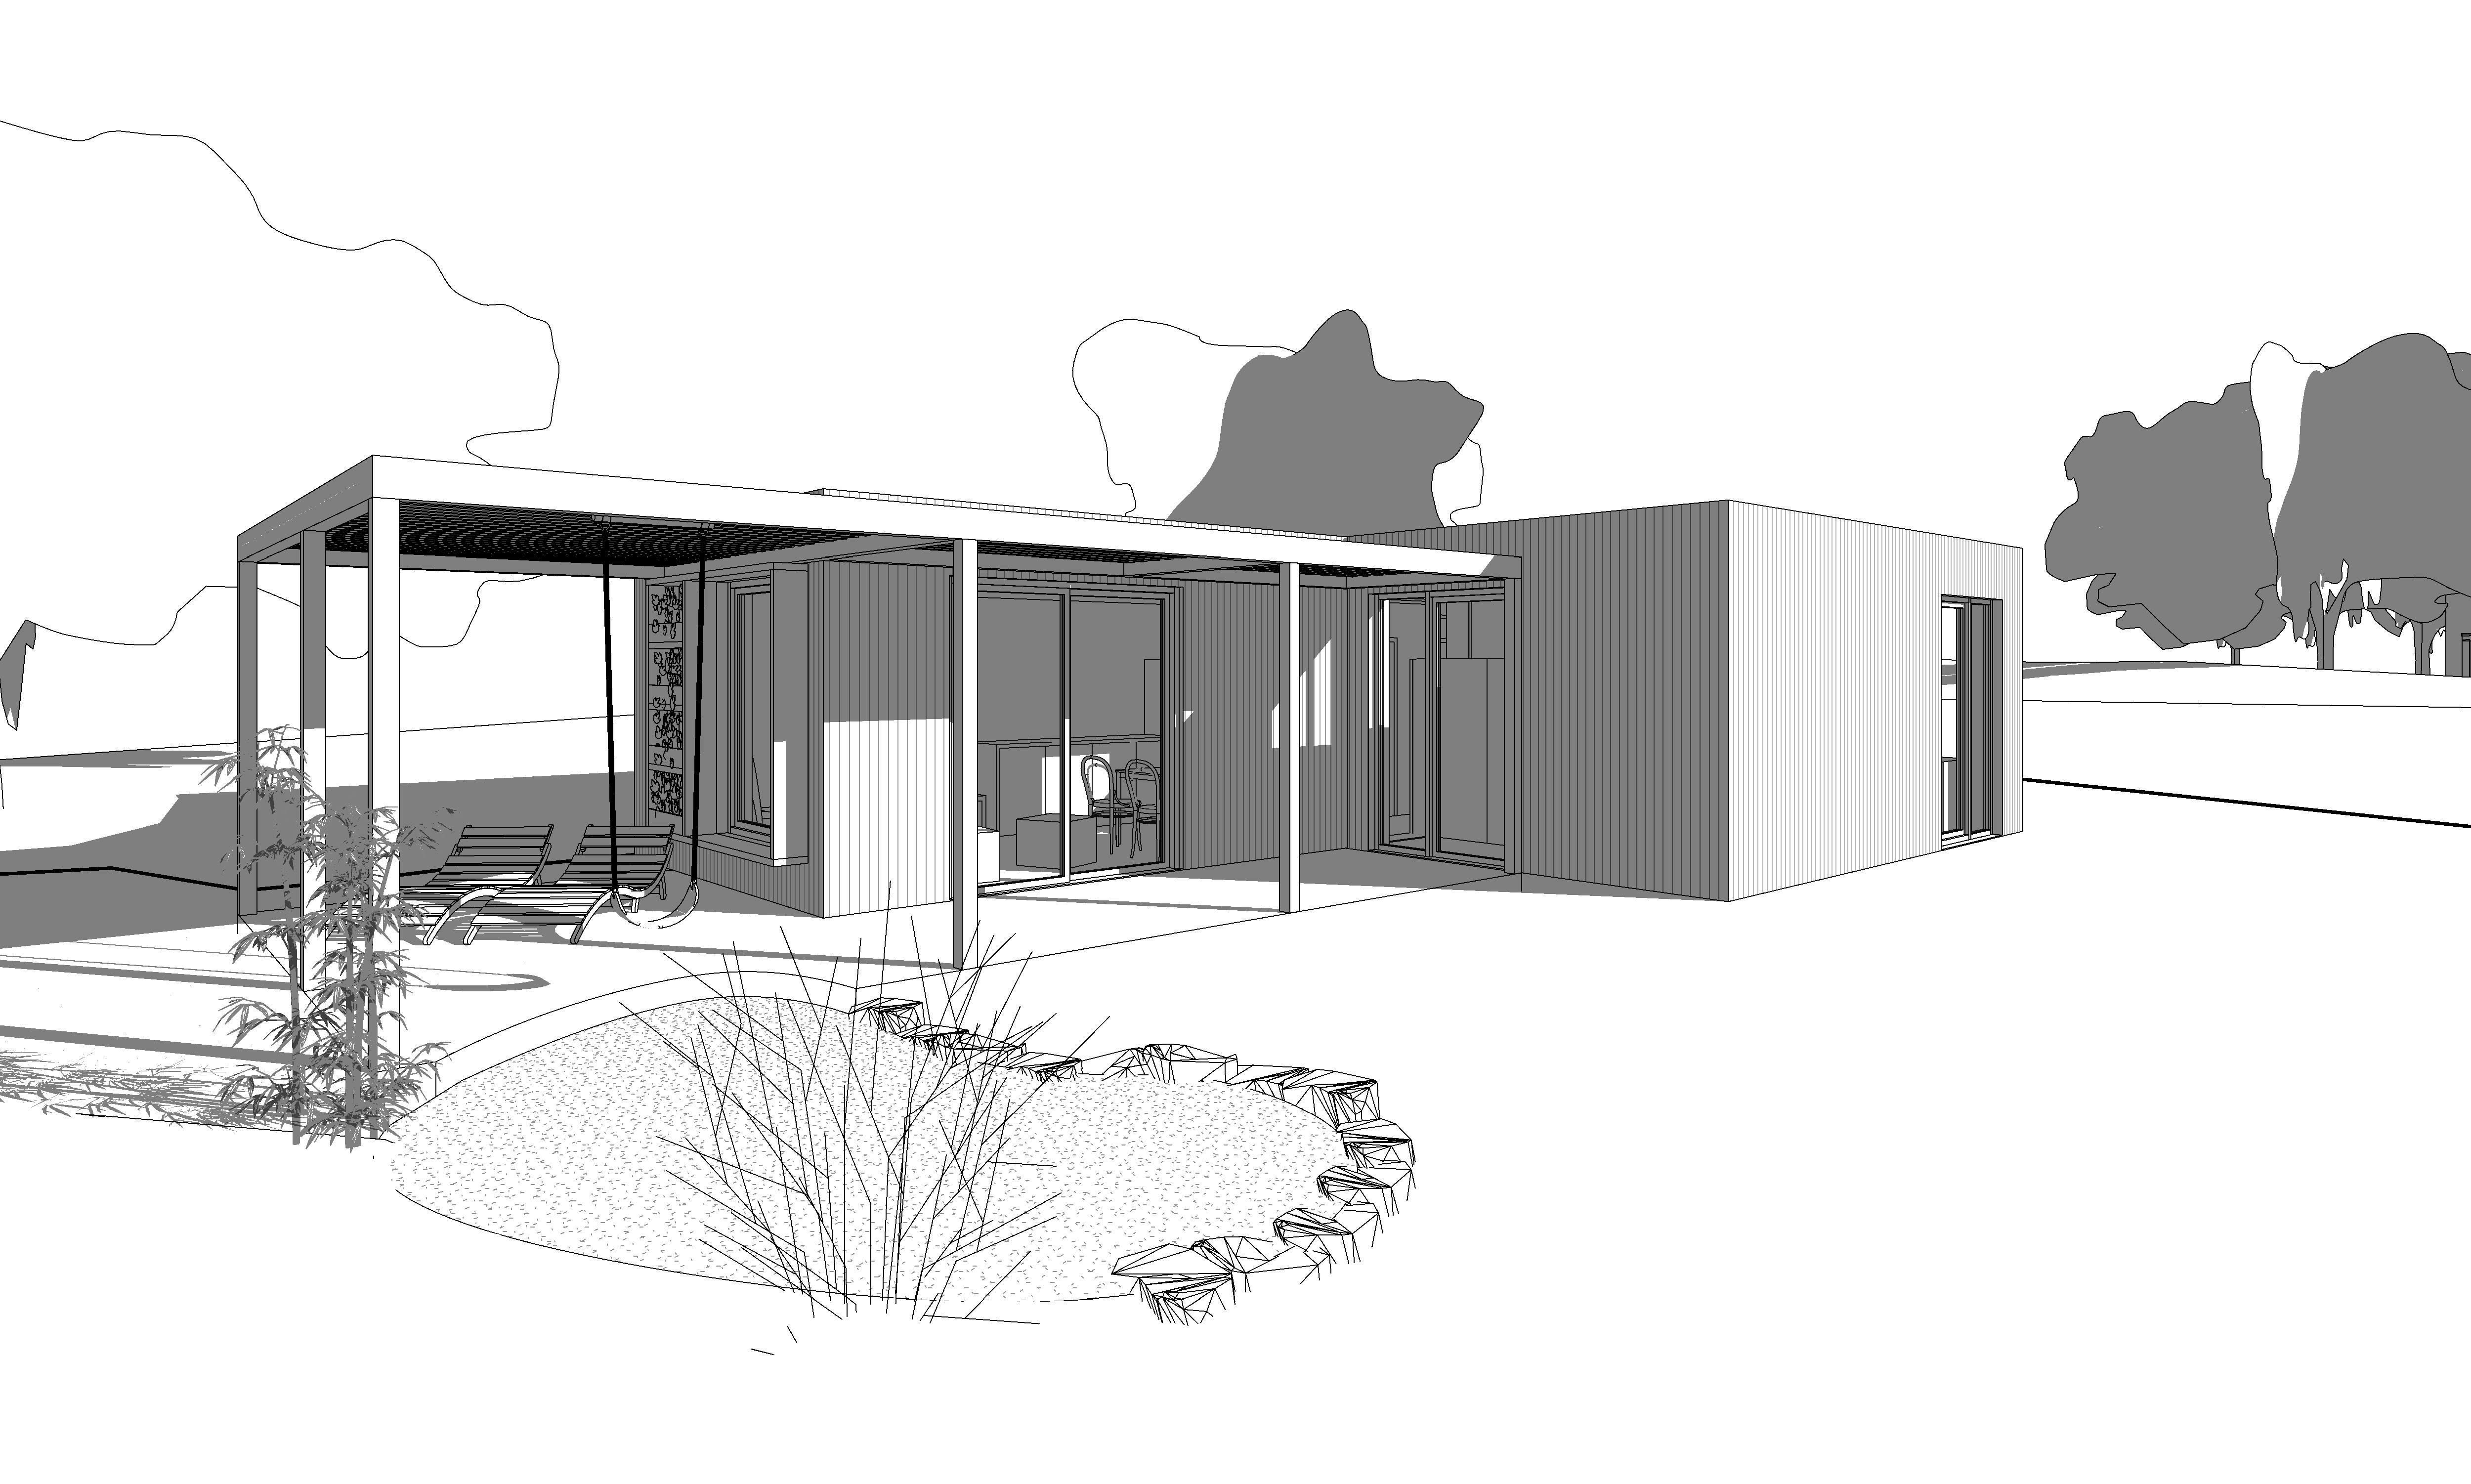 mobilný dom so zelenou strechou